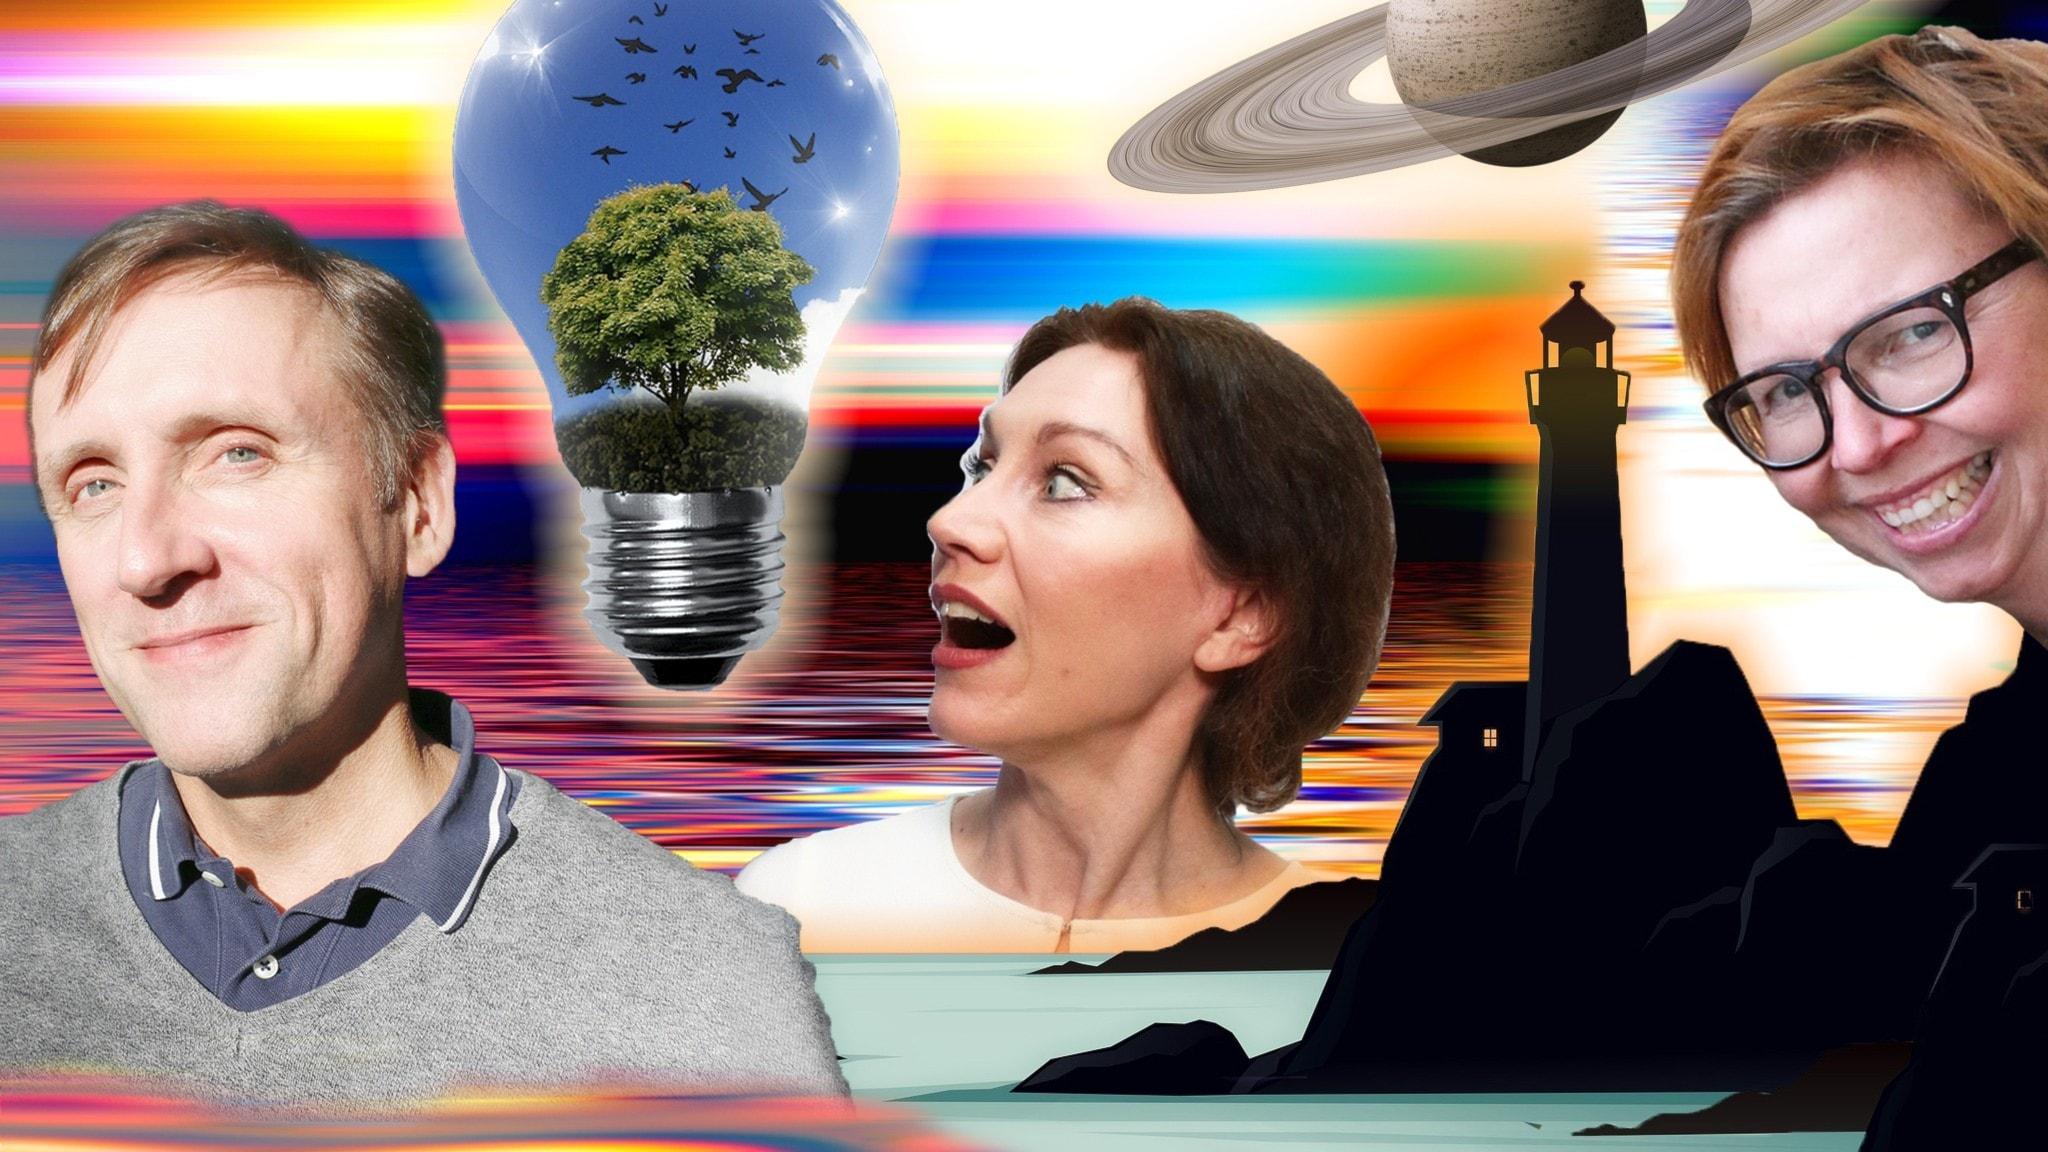 Surrealistisk kollage med Göran Everdahl, Katarina Barrling och Maja Aase. Foto. Niklas Runsten och Ronnie Ritterland Sveriges Radio